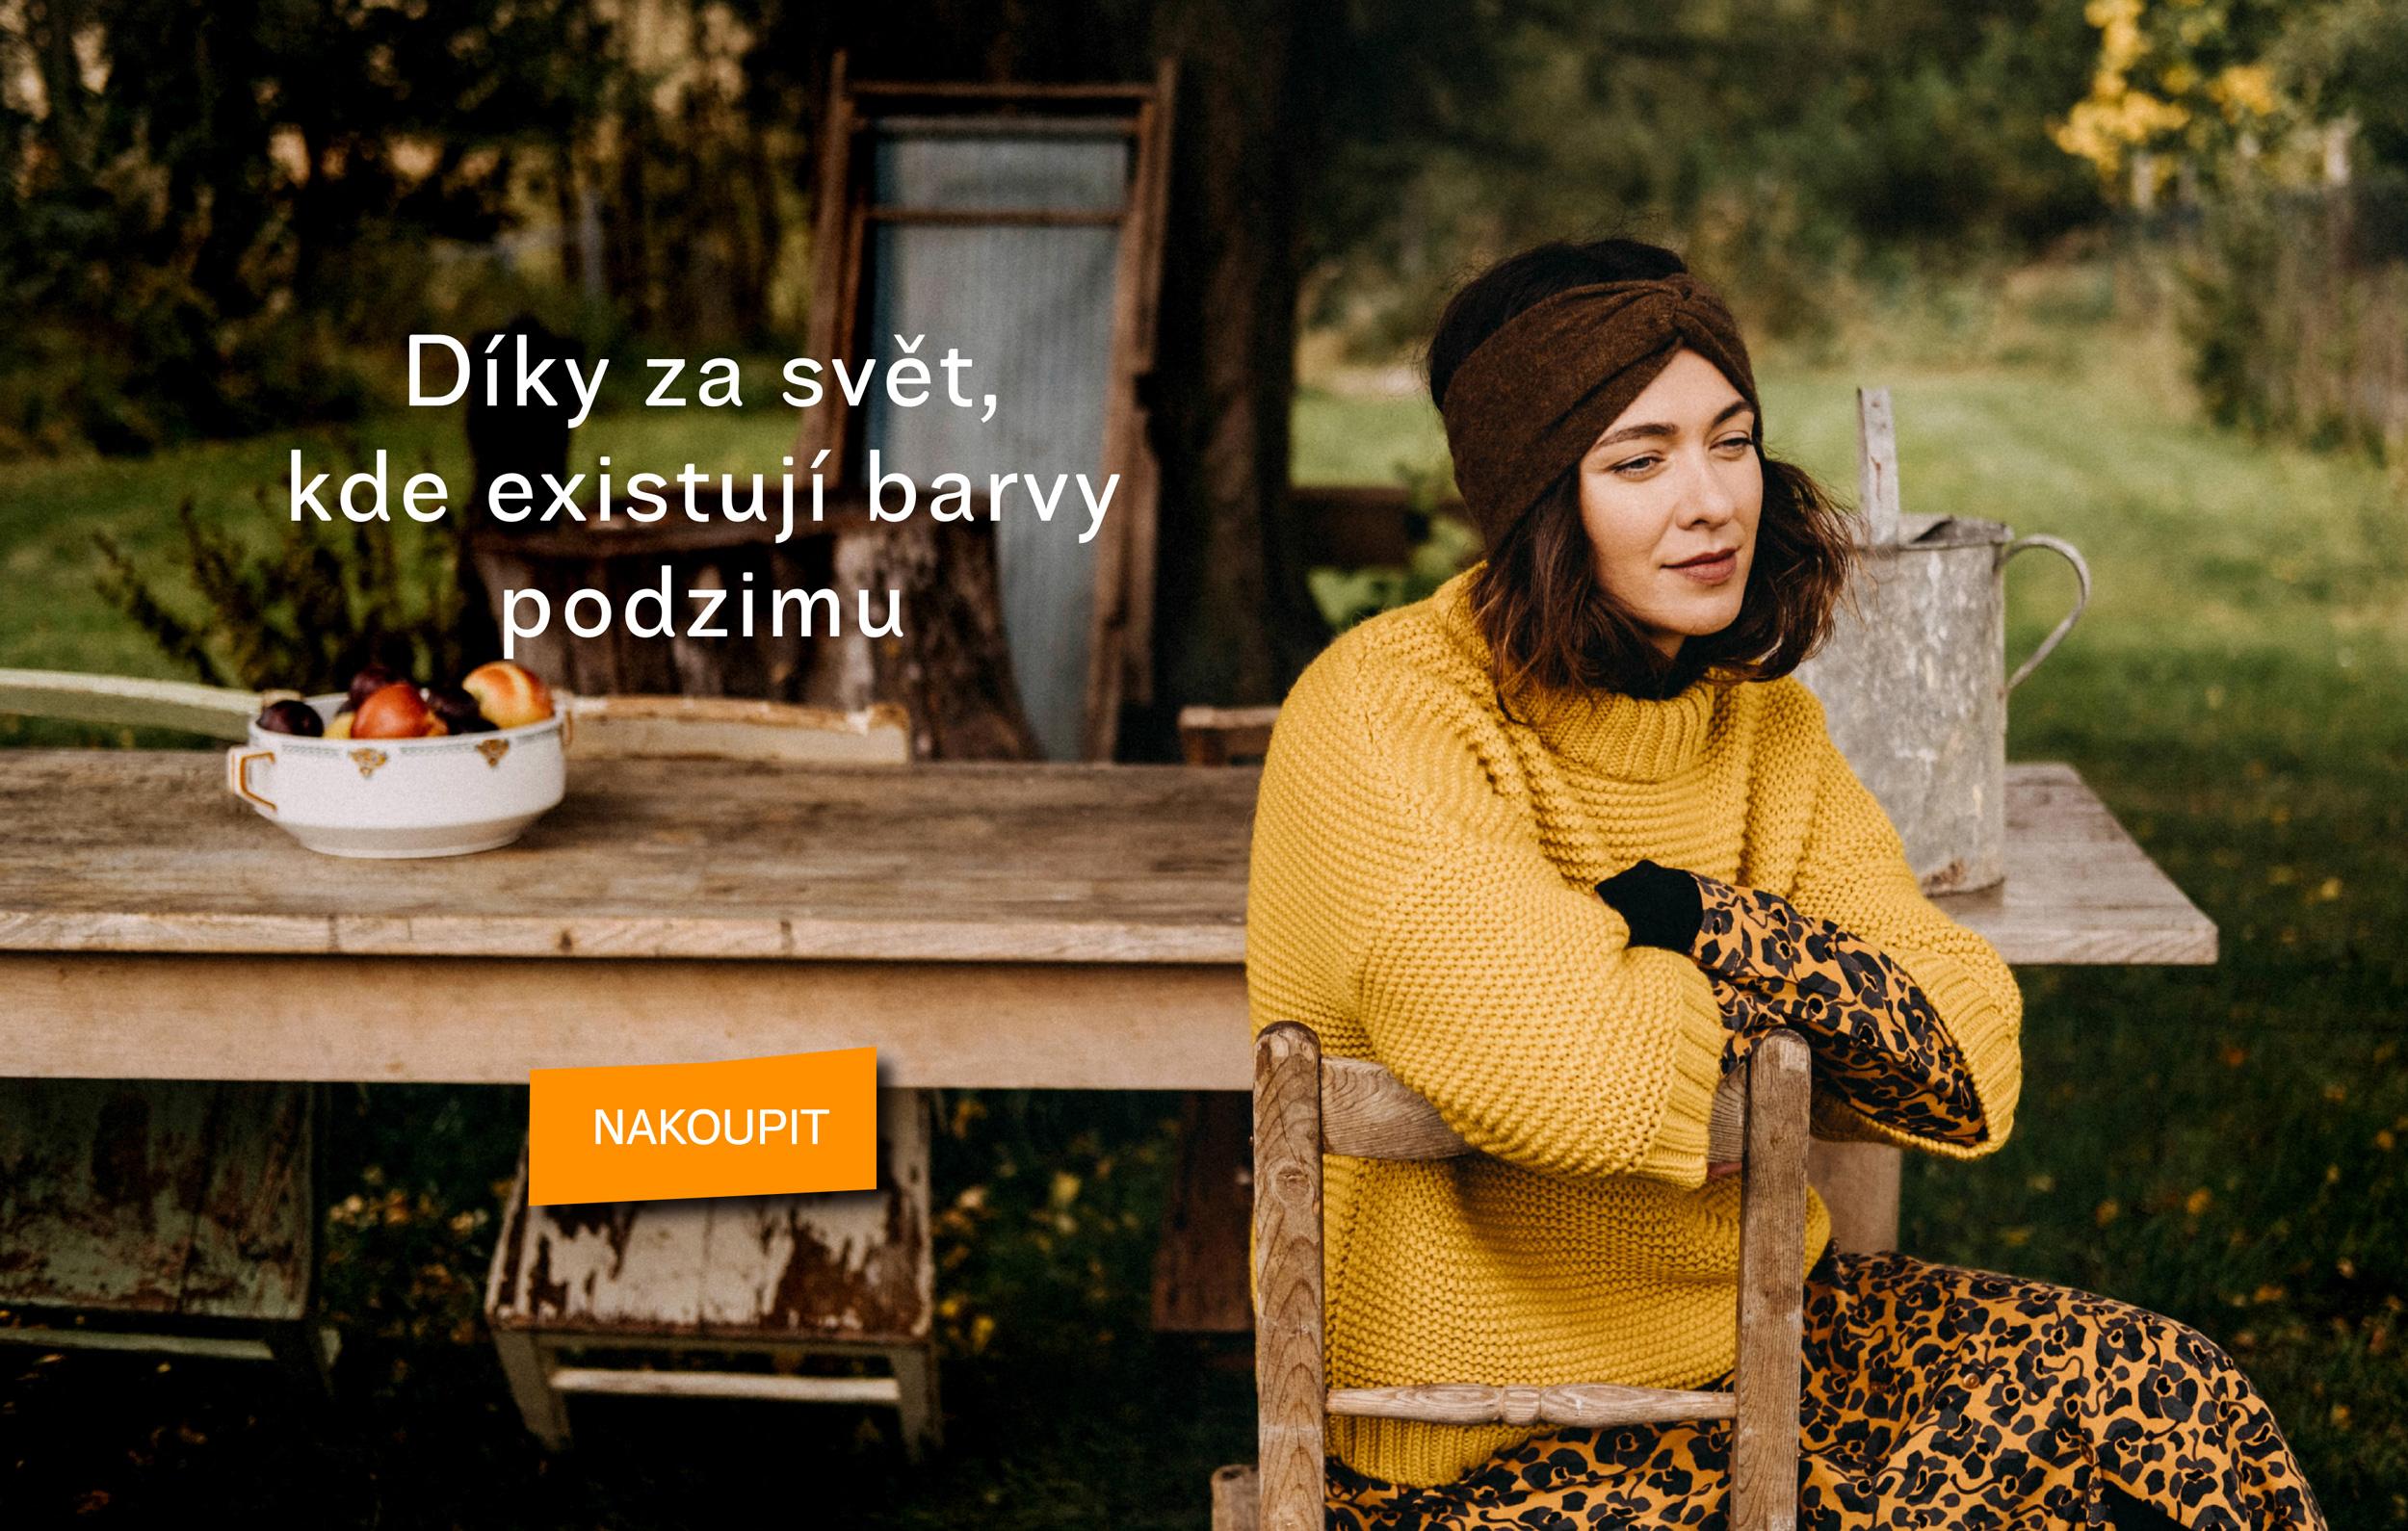 01_hlavni-banner_oprava.jpg